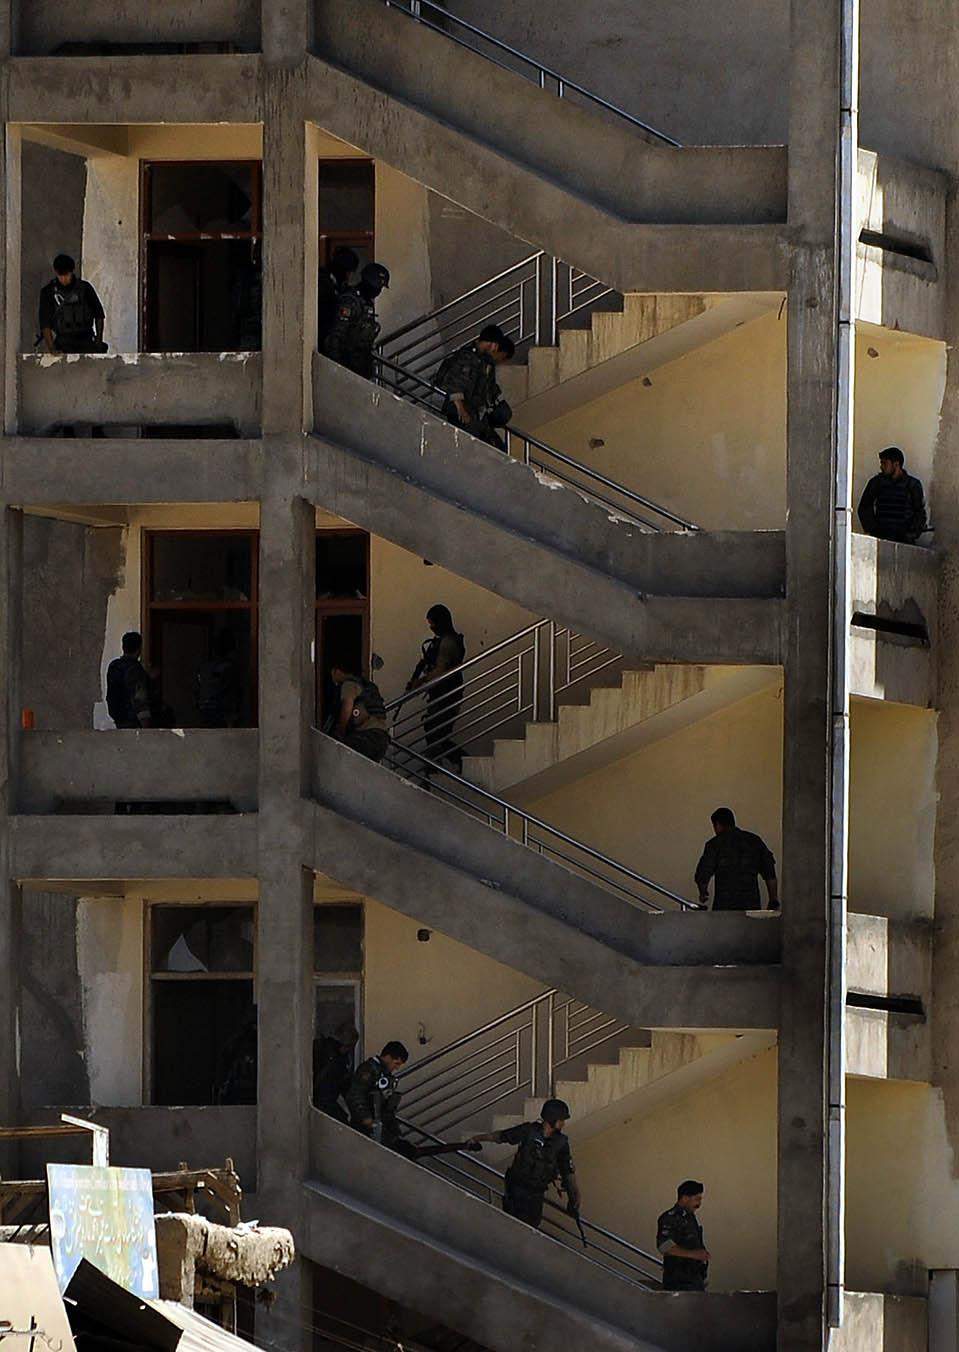 """3) Афганские силы безопасности несут труп стрелка, после штурма здания банка в Кабуле. Во время штурма были убиты трое боевиков, которые захватили банк. Движение """"Талибан"""" взяло на себя ответственность за это нападение. Тем временем, американские военные заявили, что трое американских солдат были убиты в результате двух инцидентов, в южной части Афганистана. (Massoud Hossaini/Agence France-Presse/Getty Images)"""